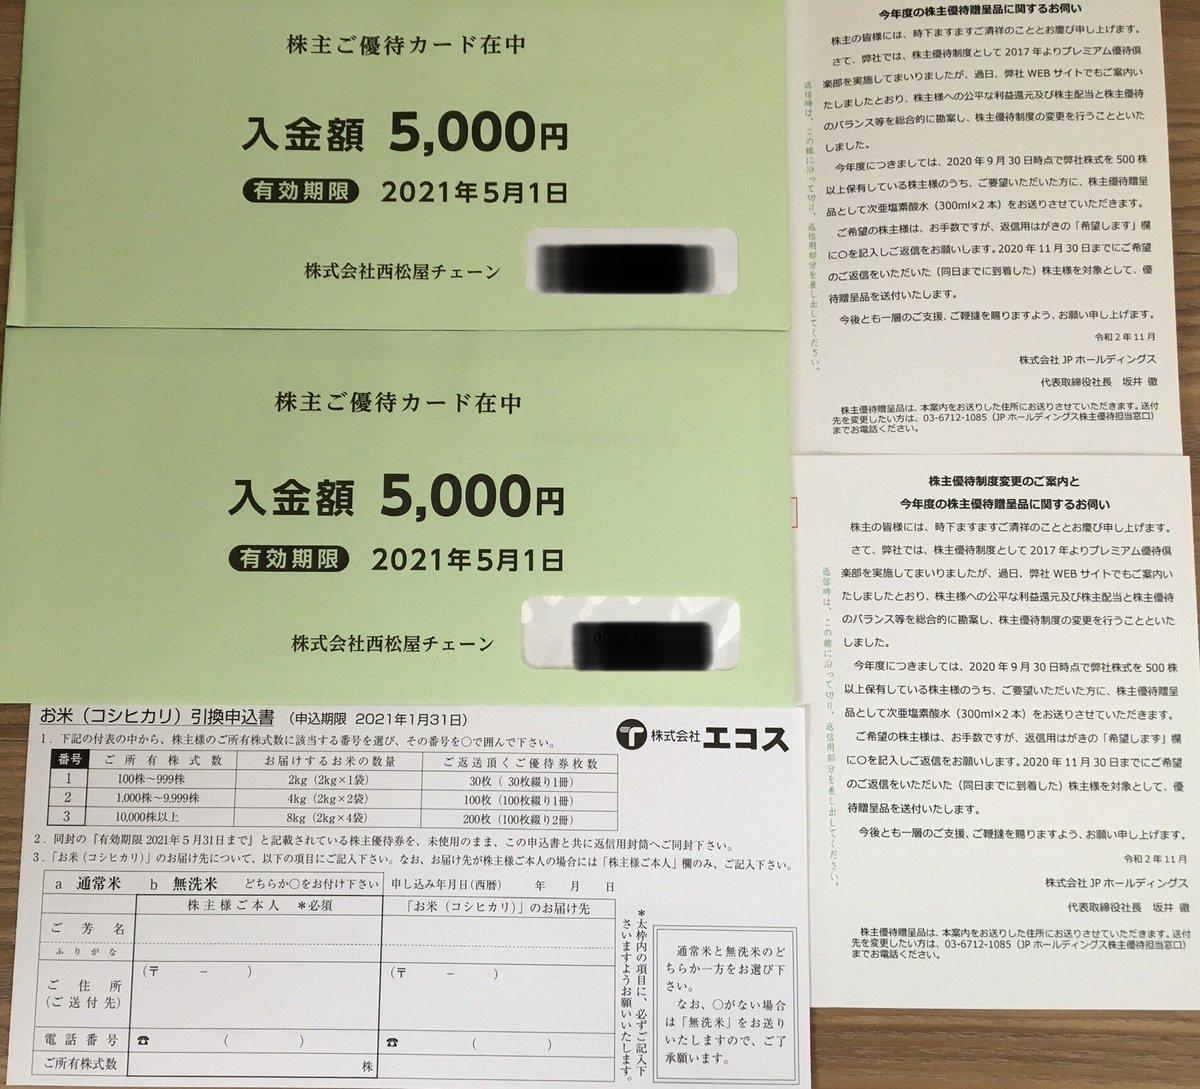 西松屋、エコス、JPHD、SBI HD到着!SBIの3月権利の仮想通貨はもう受け取ったと思っていたけど…まだだったのか…??口座のXRPは?謎…